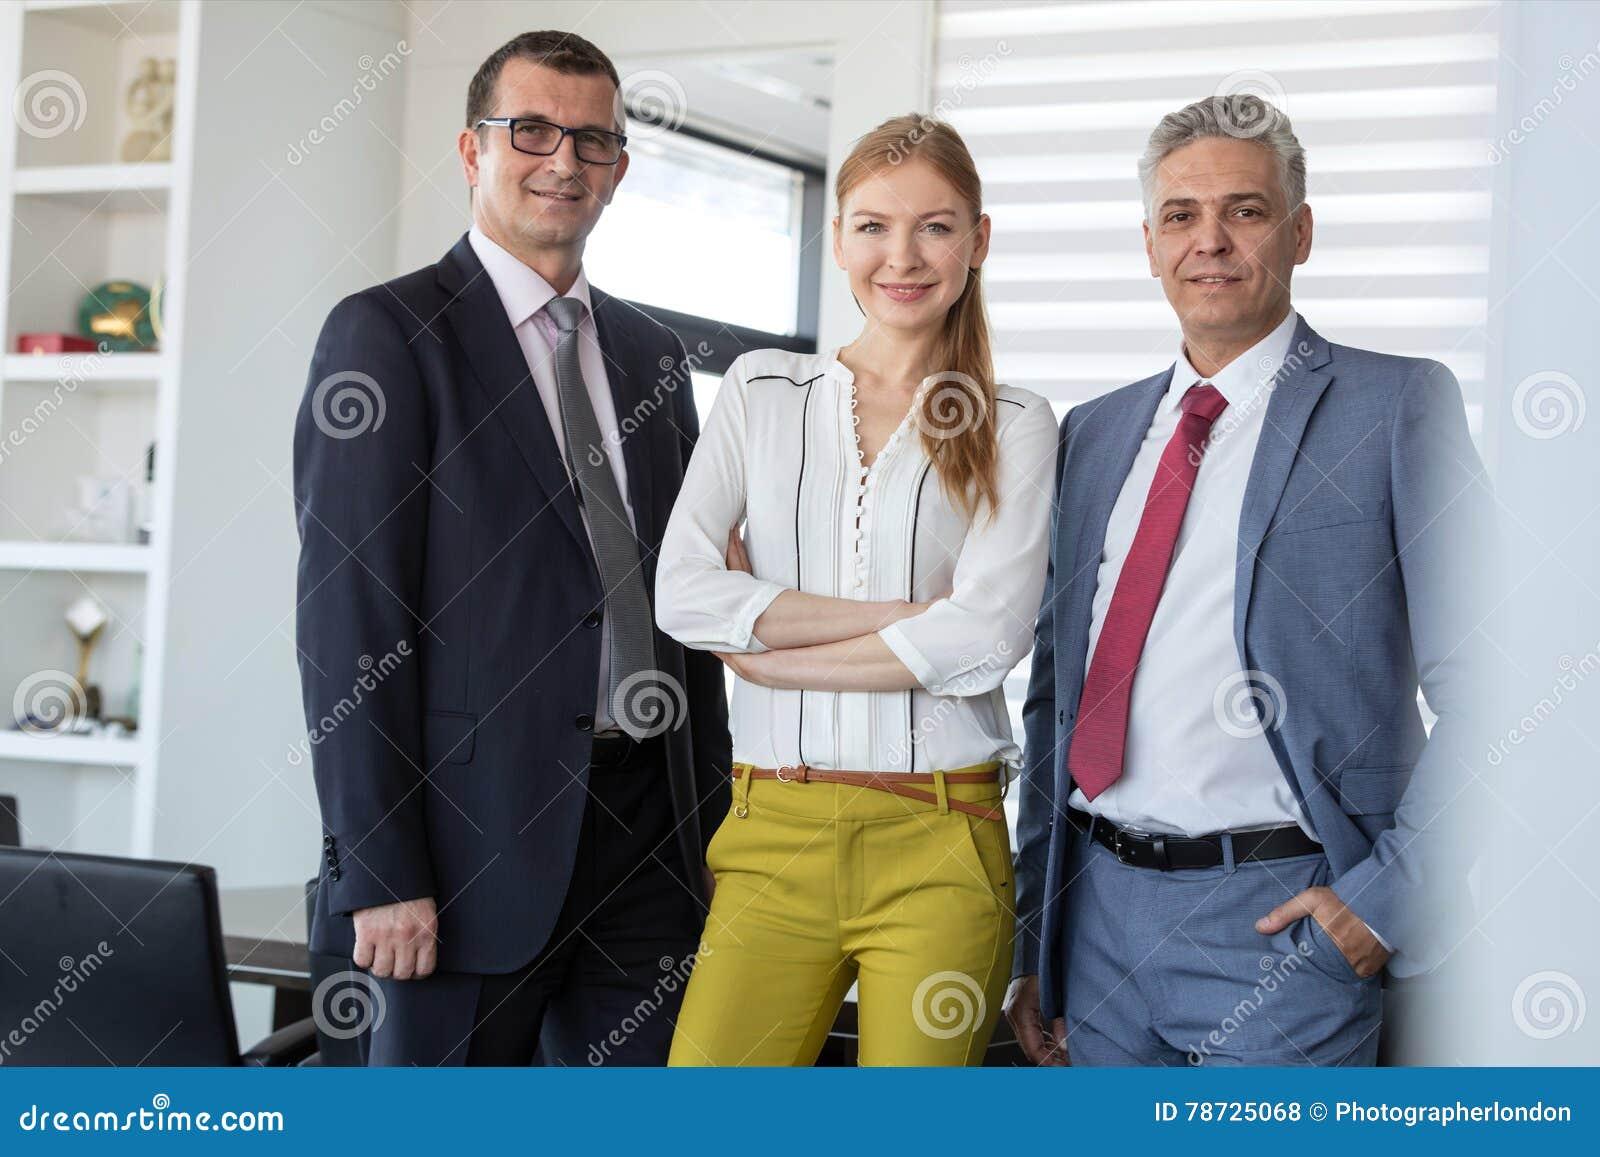 Stående av den säkra unga affärskvinnan med manliga kollegor i regeringsställning